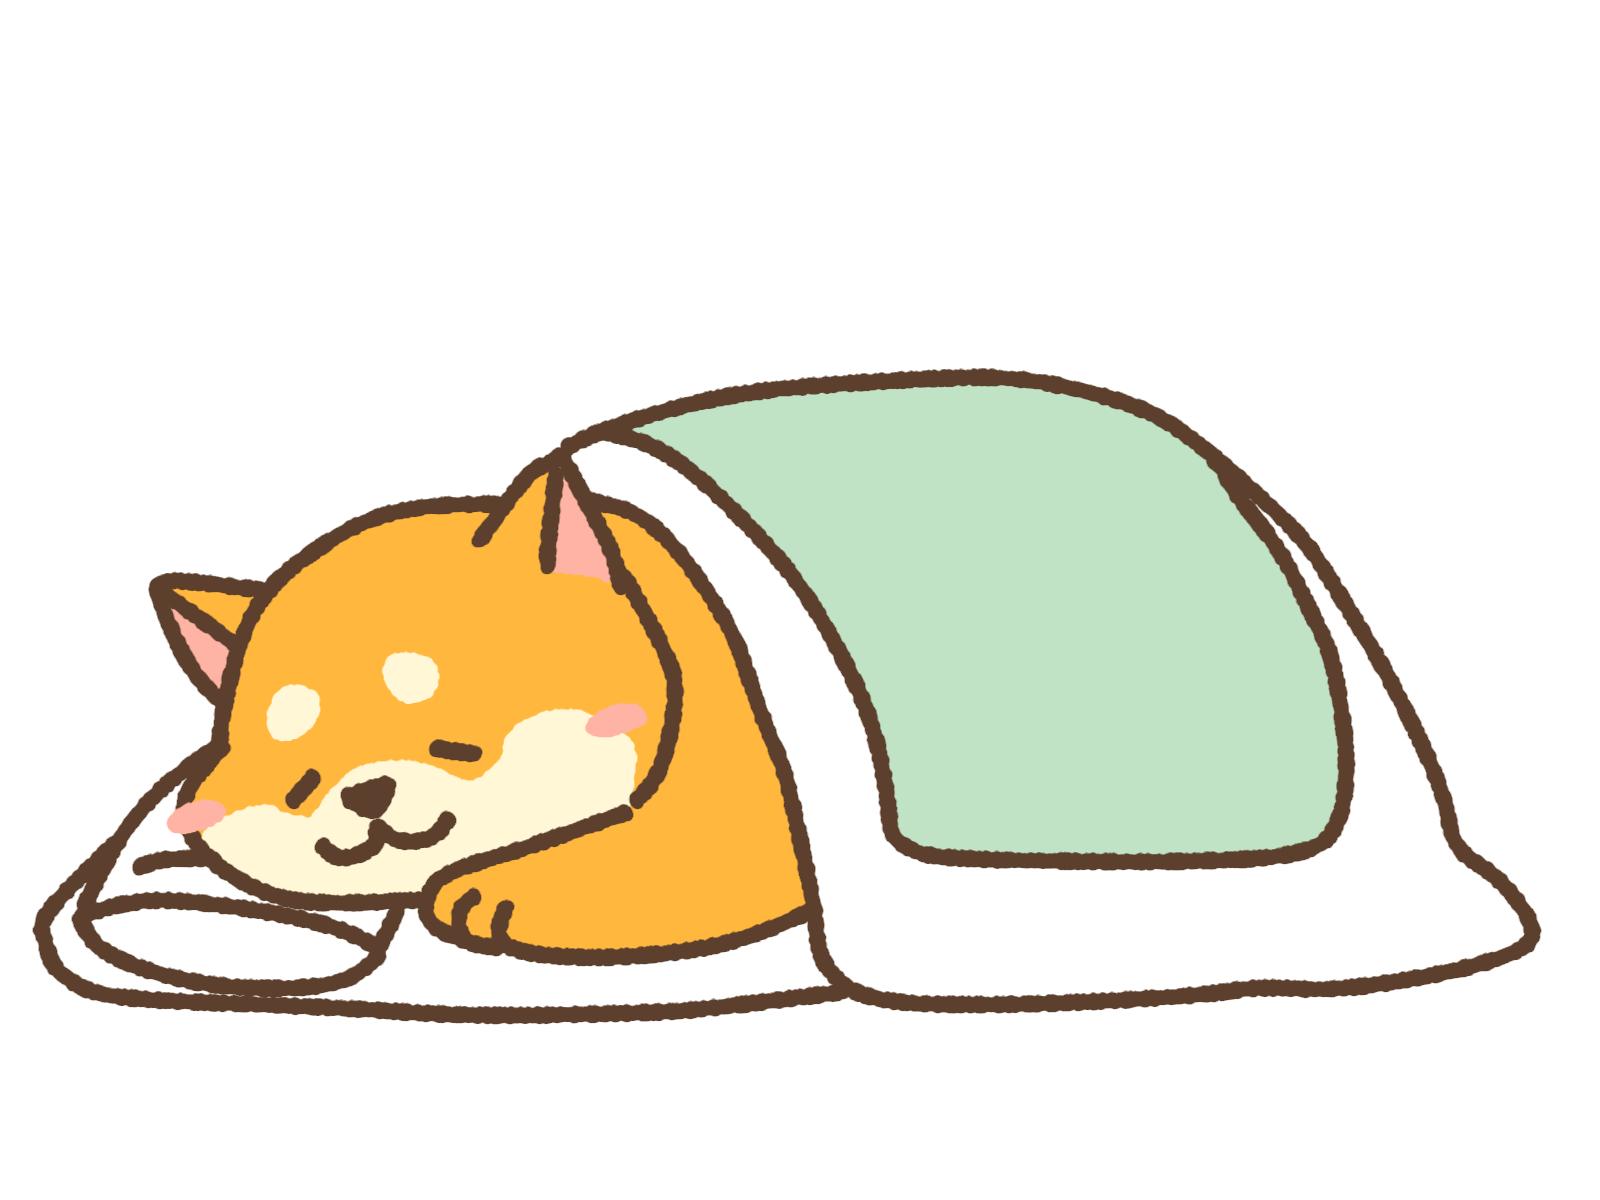 睡眠のイメージ画像